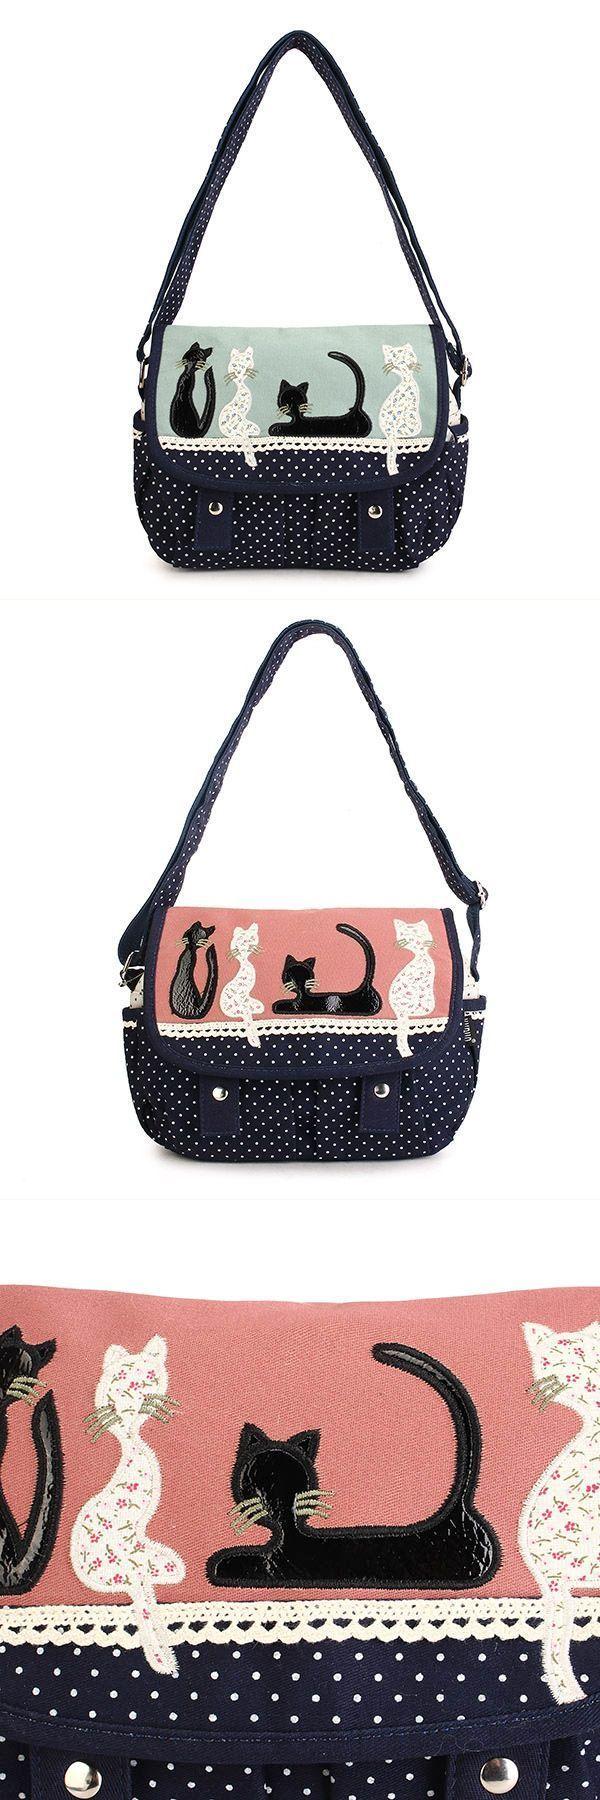 Women cute cat canvas polka dot crossbody bag shoulder bag b.o.c. crossbody bags #crossbody #bags #marshalls #crossbody #bags #nike #crossbody #bags #pacsun #j #crew #crossbody #bags